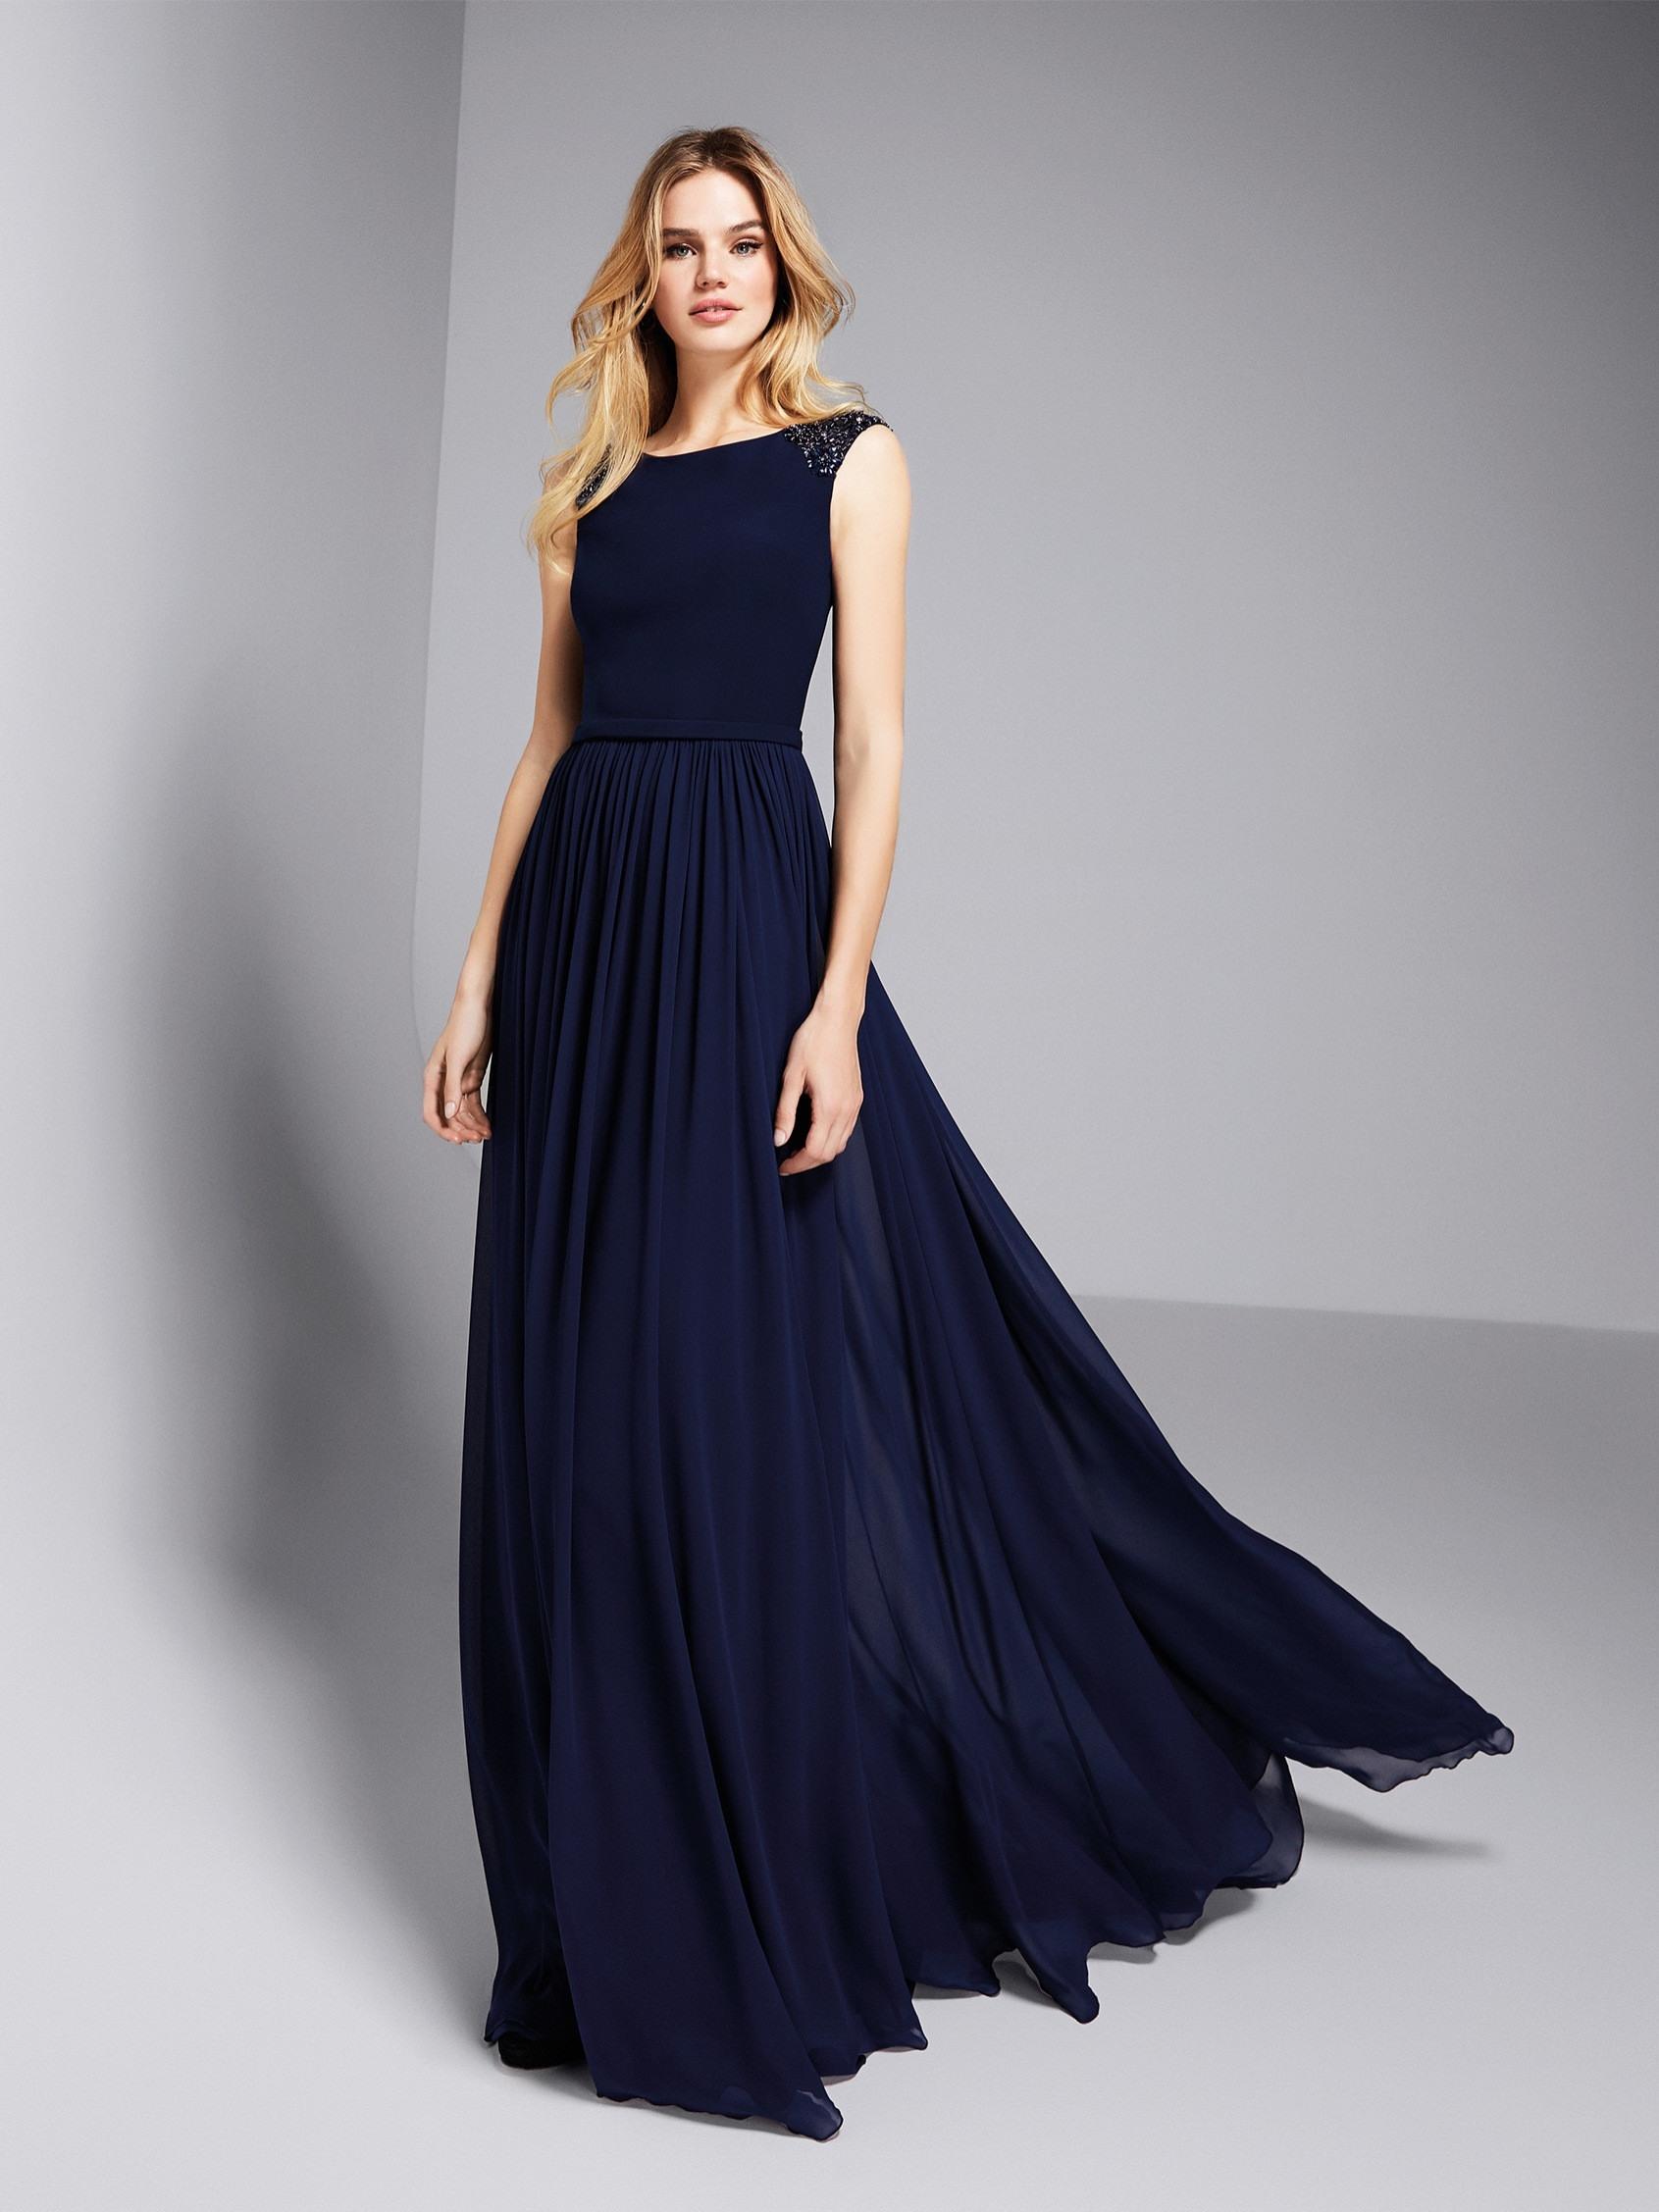 20 Einfach Schlichtes Abendkleid StylishDesigner Einfach Schlichtes Abendkleid für 2019